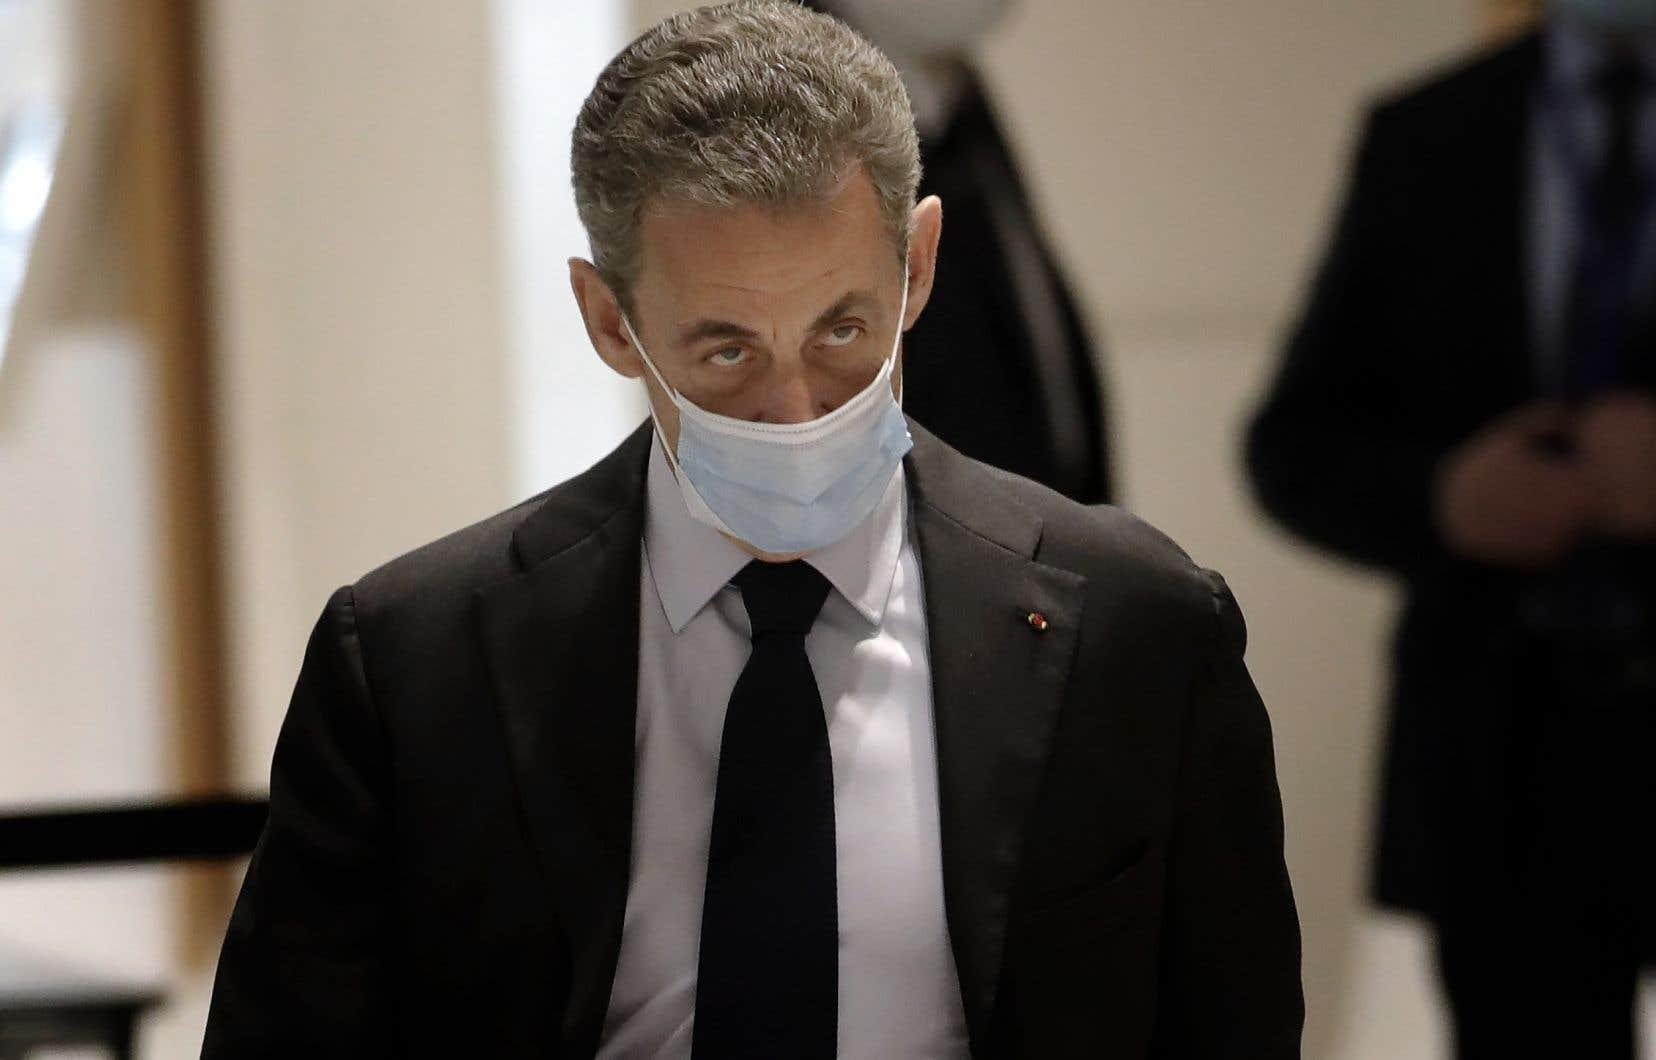 L'ex-président français encourt une peine de dix ans de prison et d'un million d'euros d'amende pour corruption et trafic d'influence.